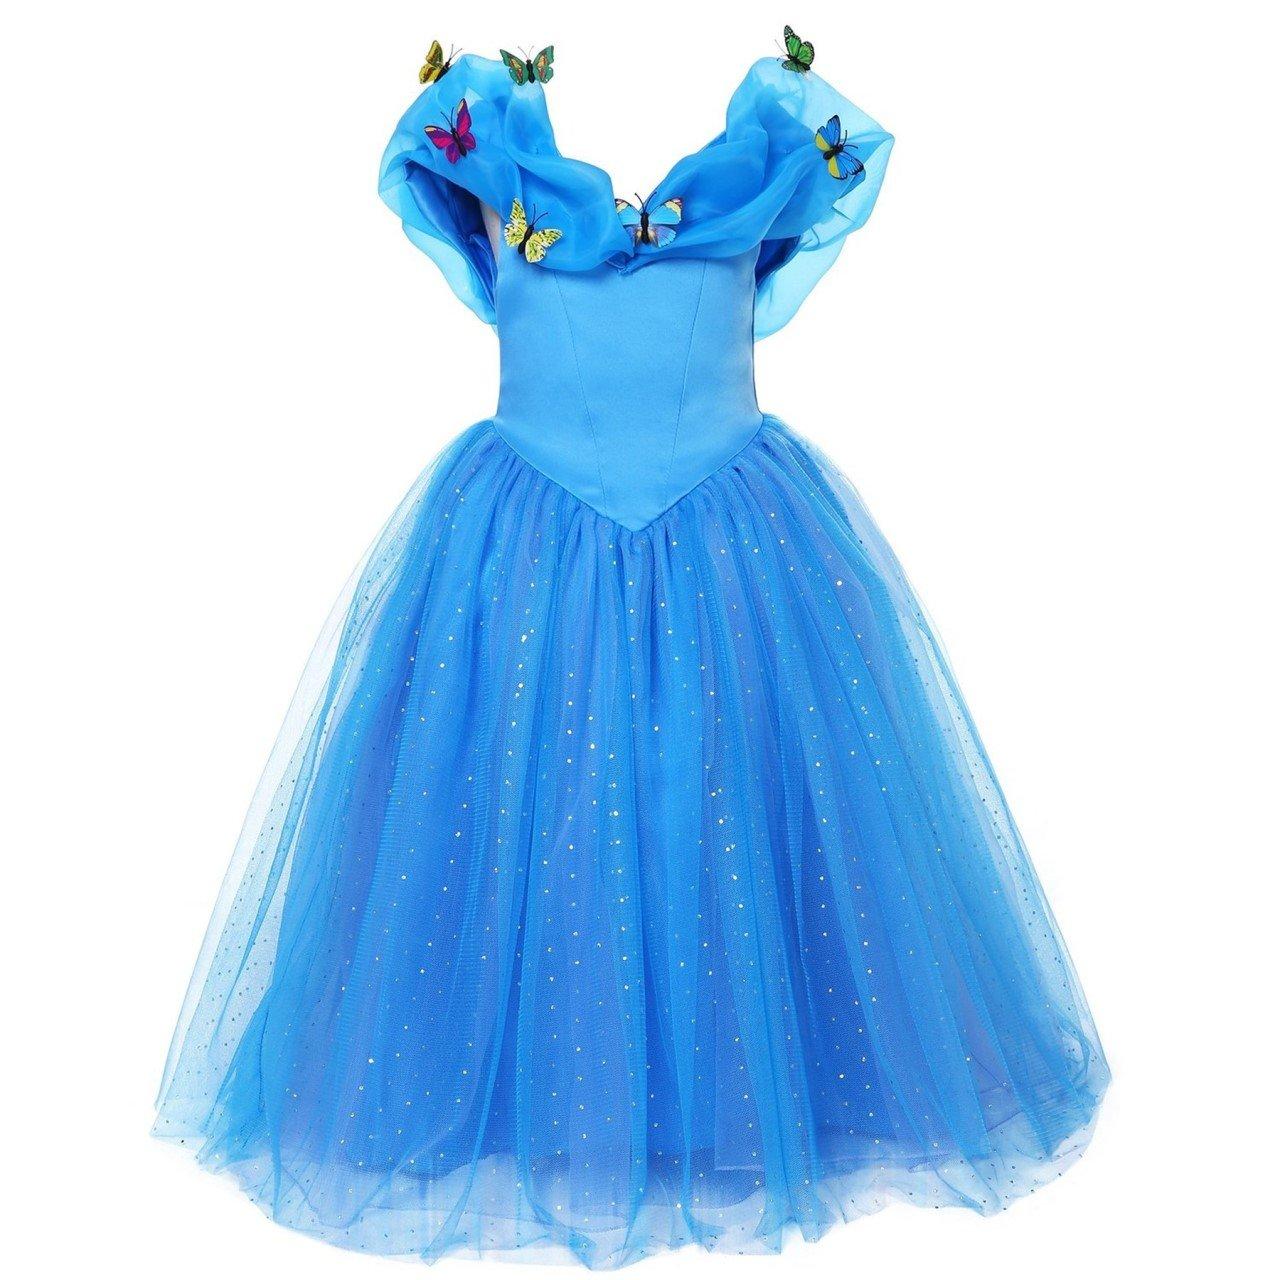 ELSA & ANNA® Ragazze Principessa abiti partito Vestito Costume IT-FBA-CNDR4 UK1stChoice-Zone